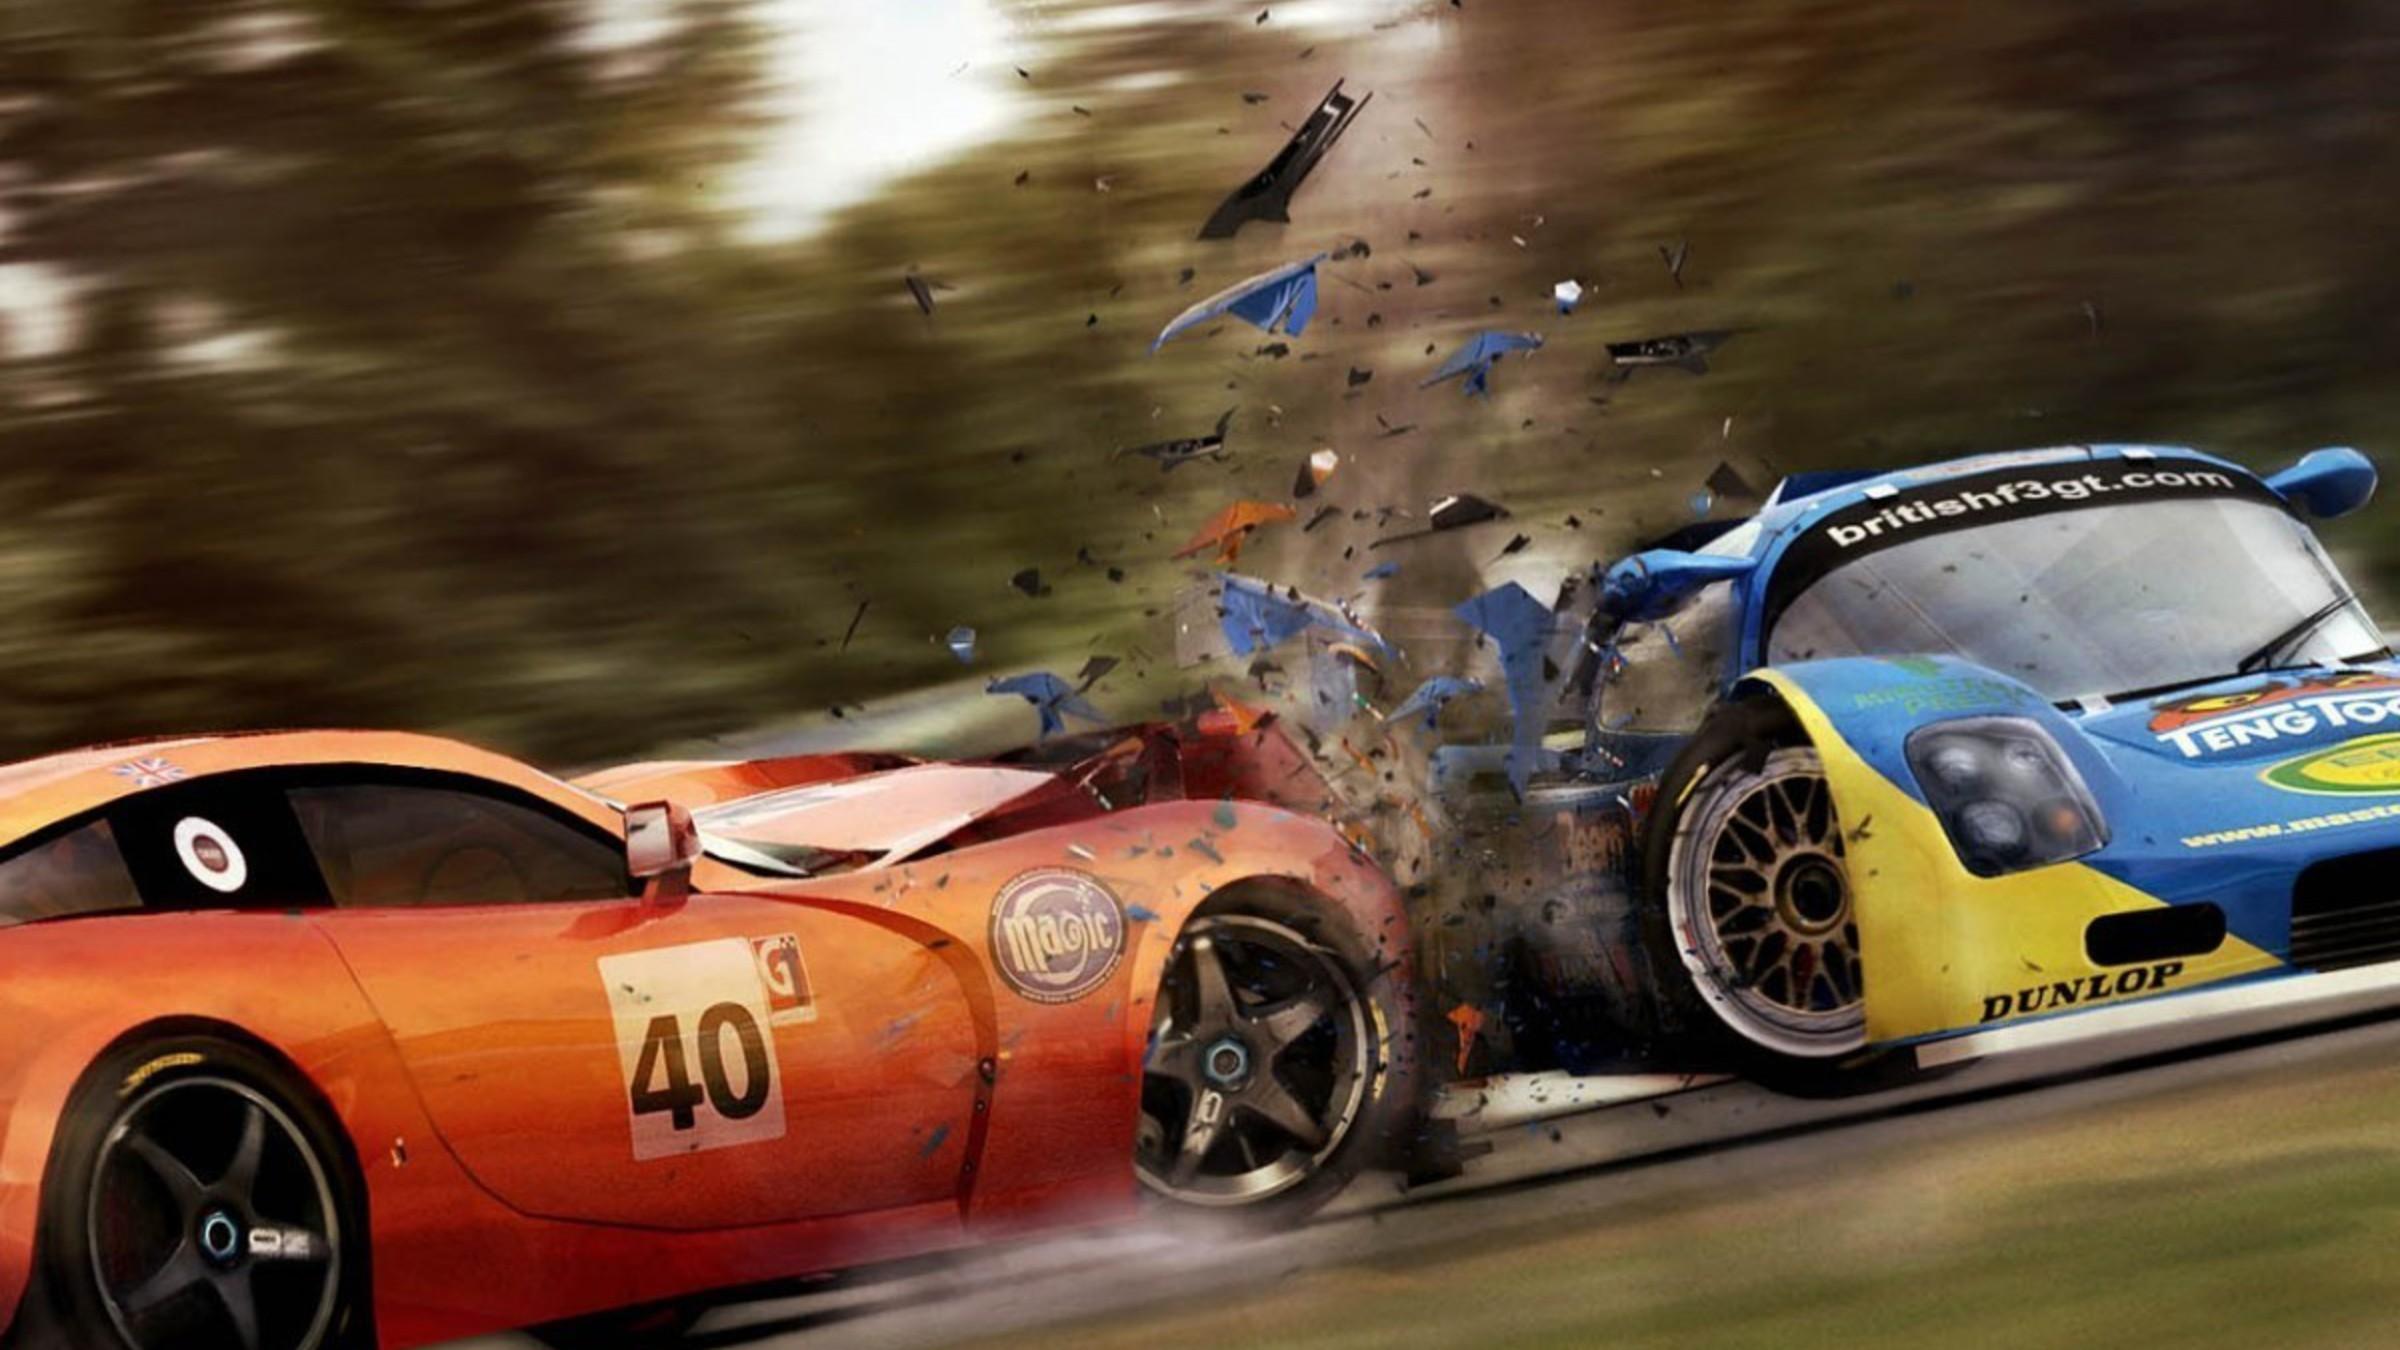 Car Crash Wallpaper 62 Images